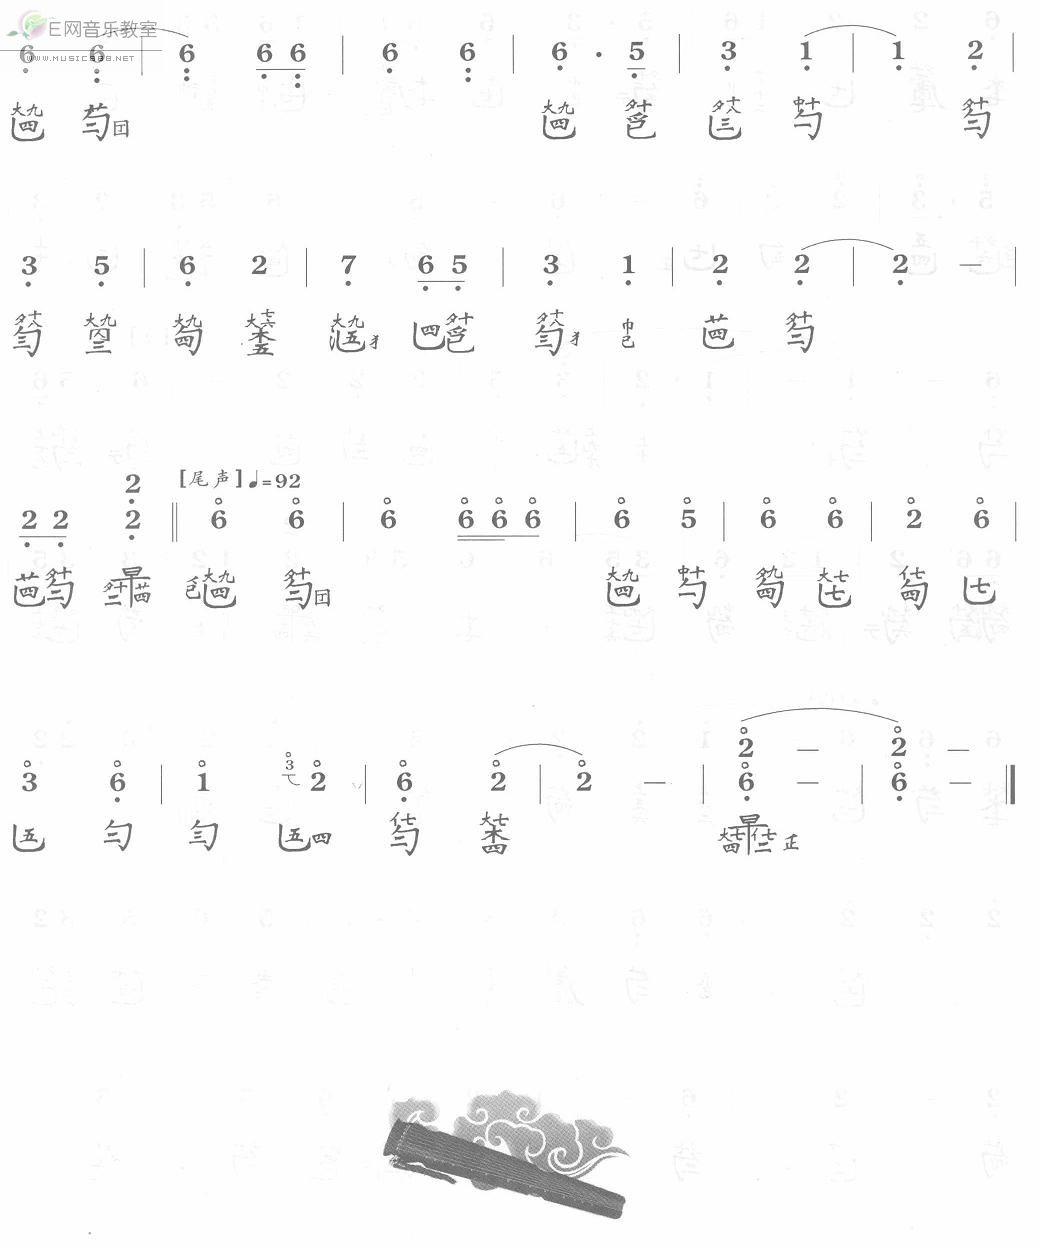 《石上流泉-古琴曲谱(简谱)》吉他谱图片